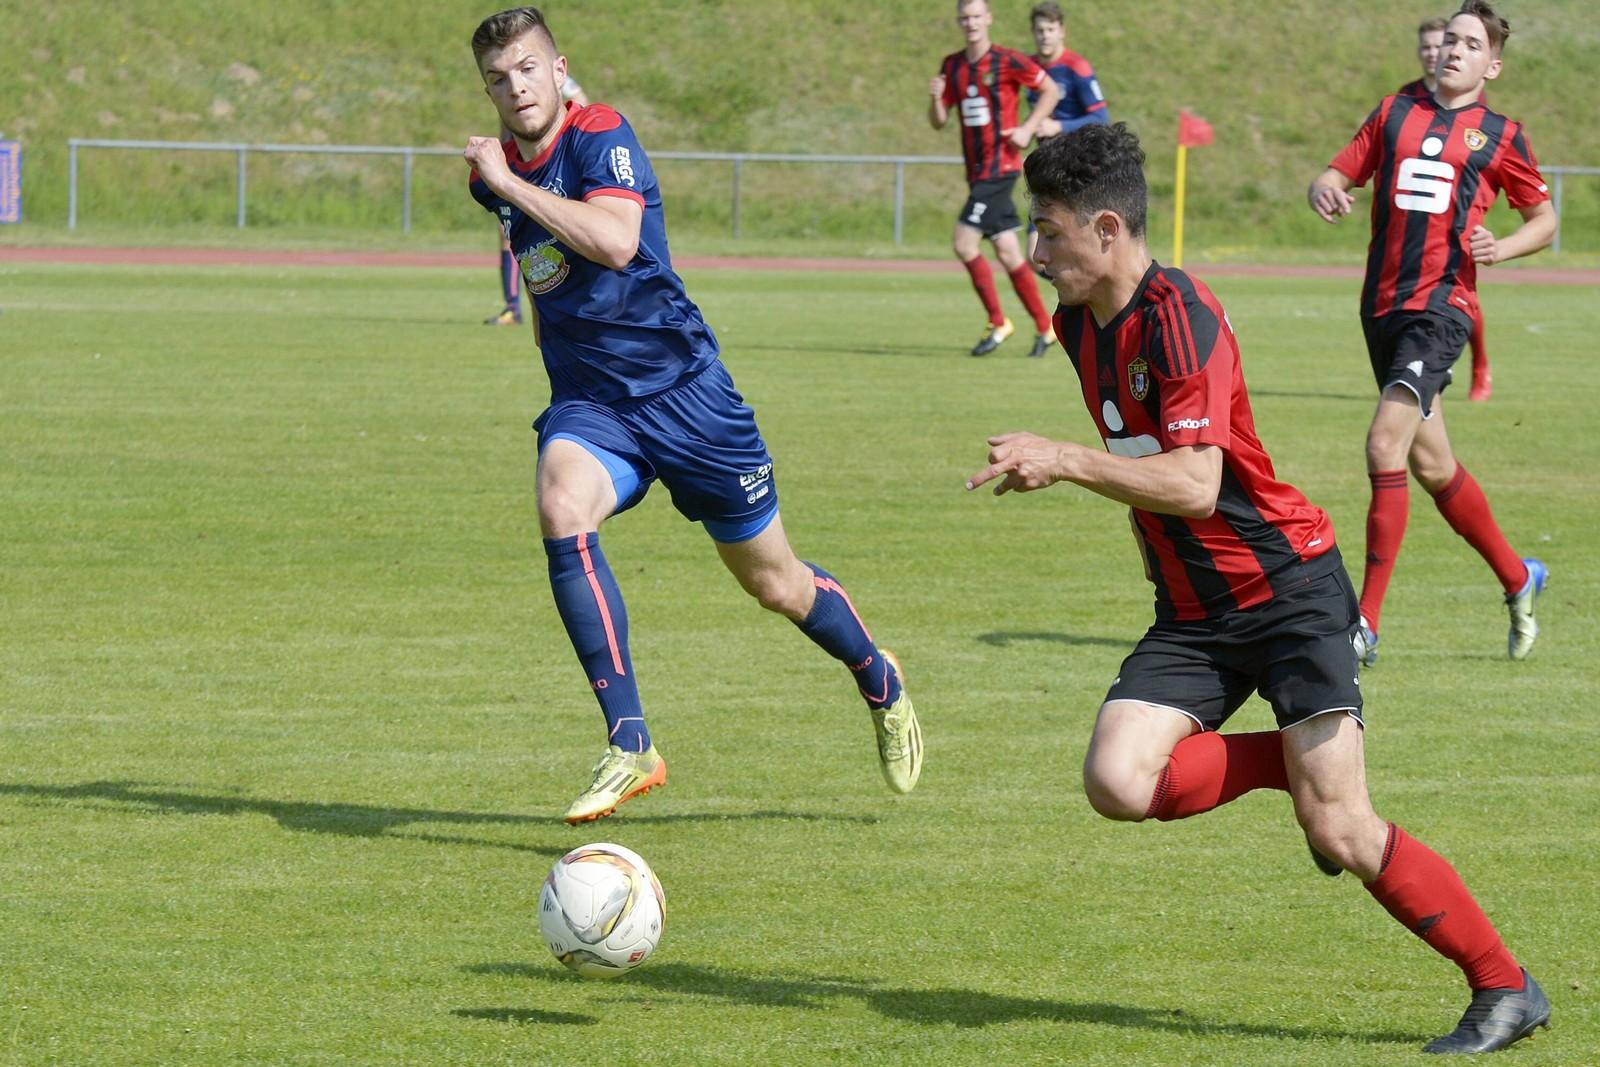 Niclas Buschke von Lok Stendal gegen Fabian Döbelt von Eilenburg